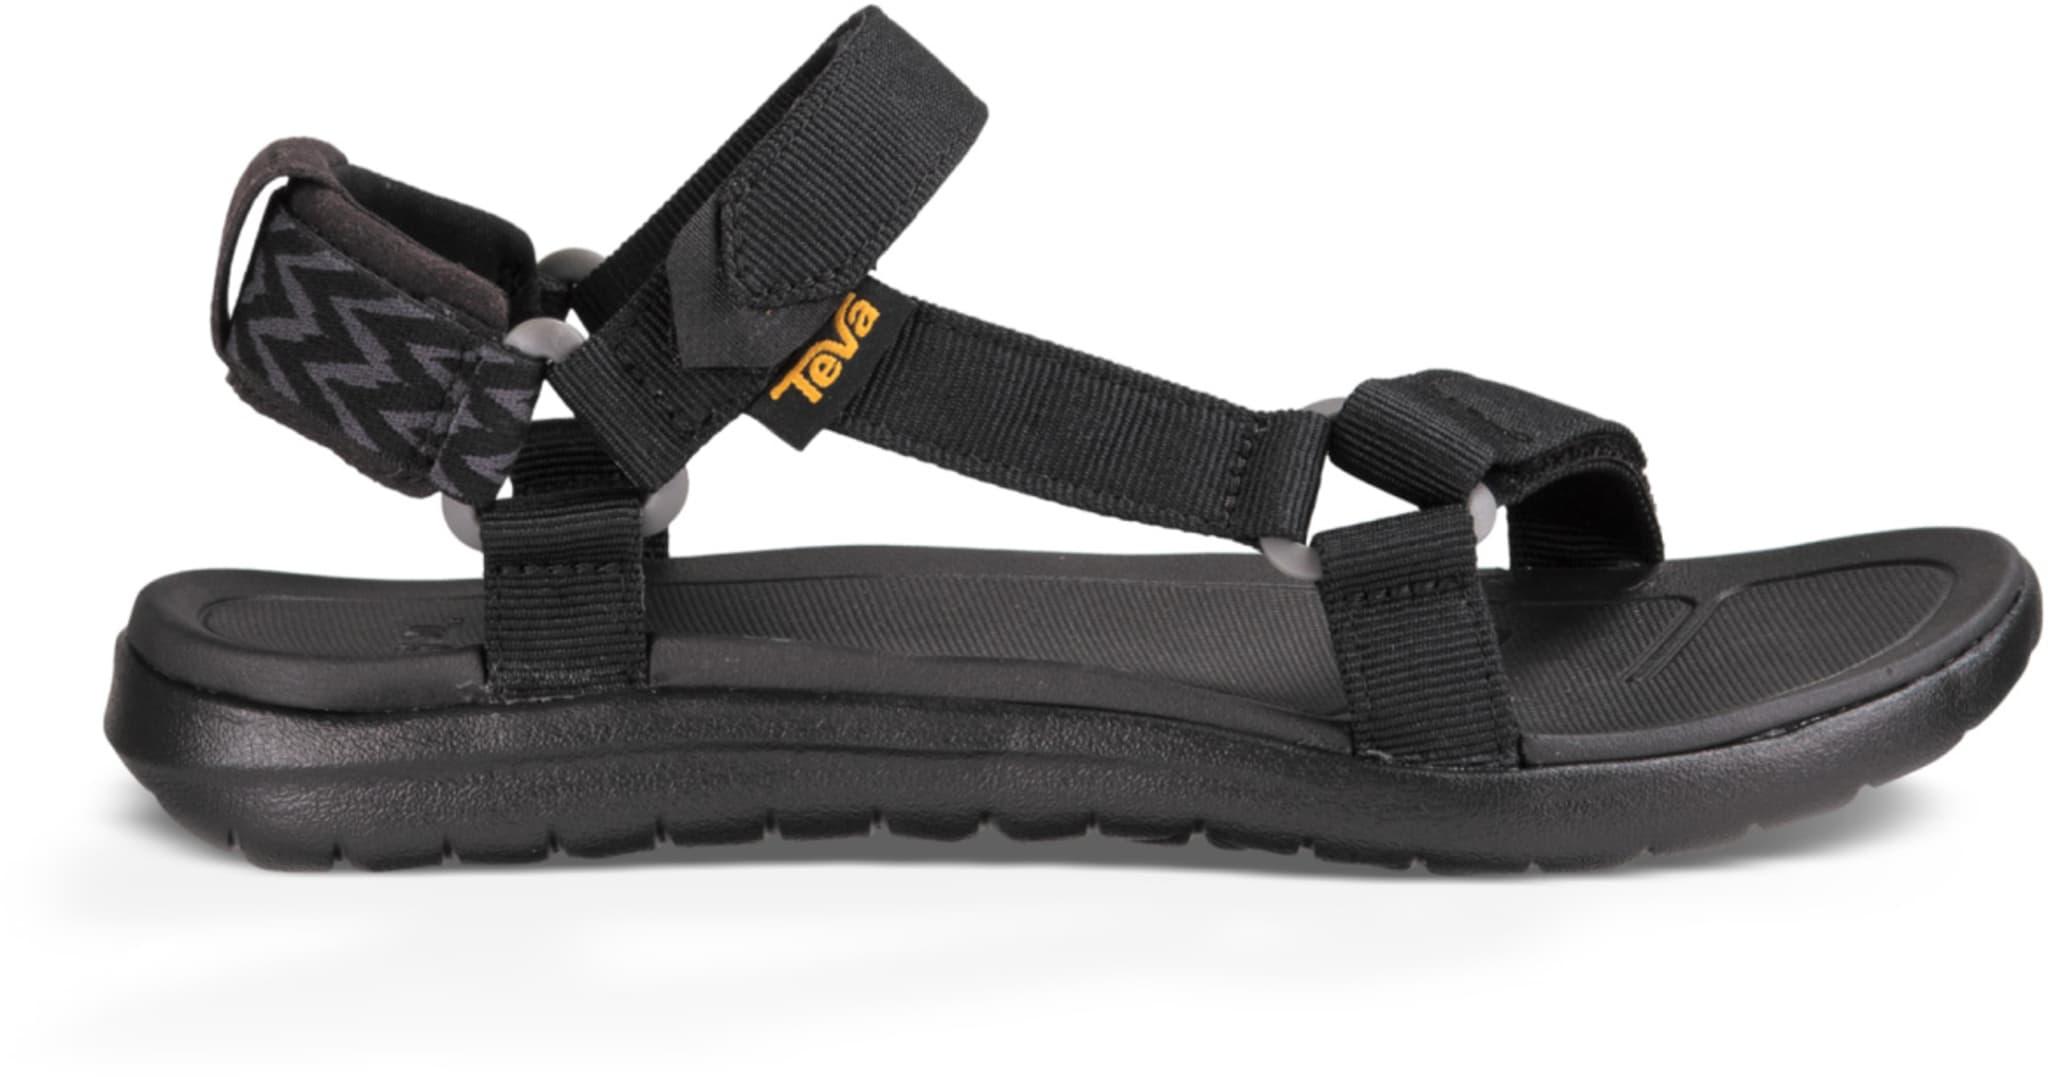 Deilig sandal til hverdags og reise